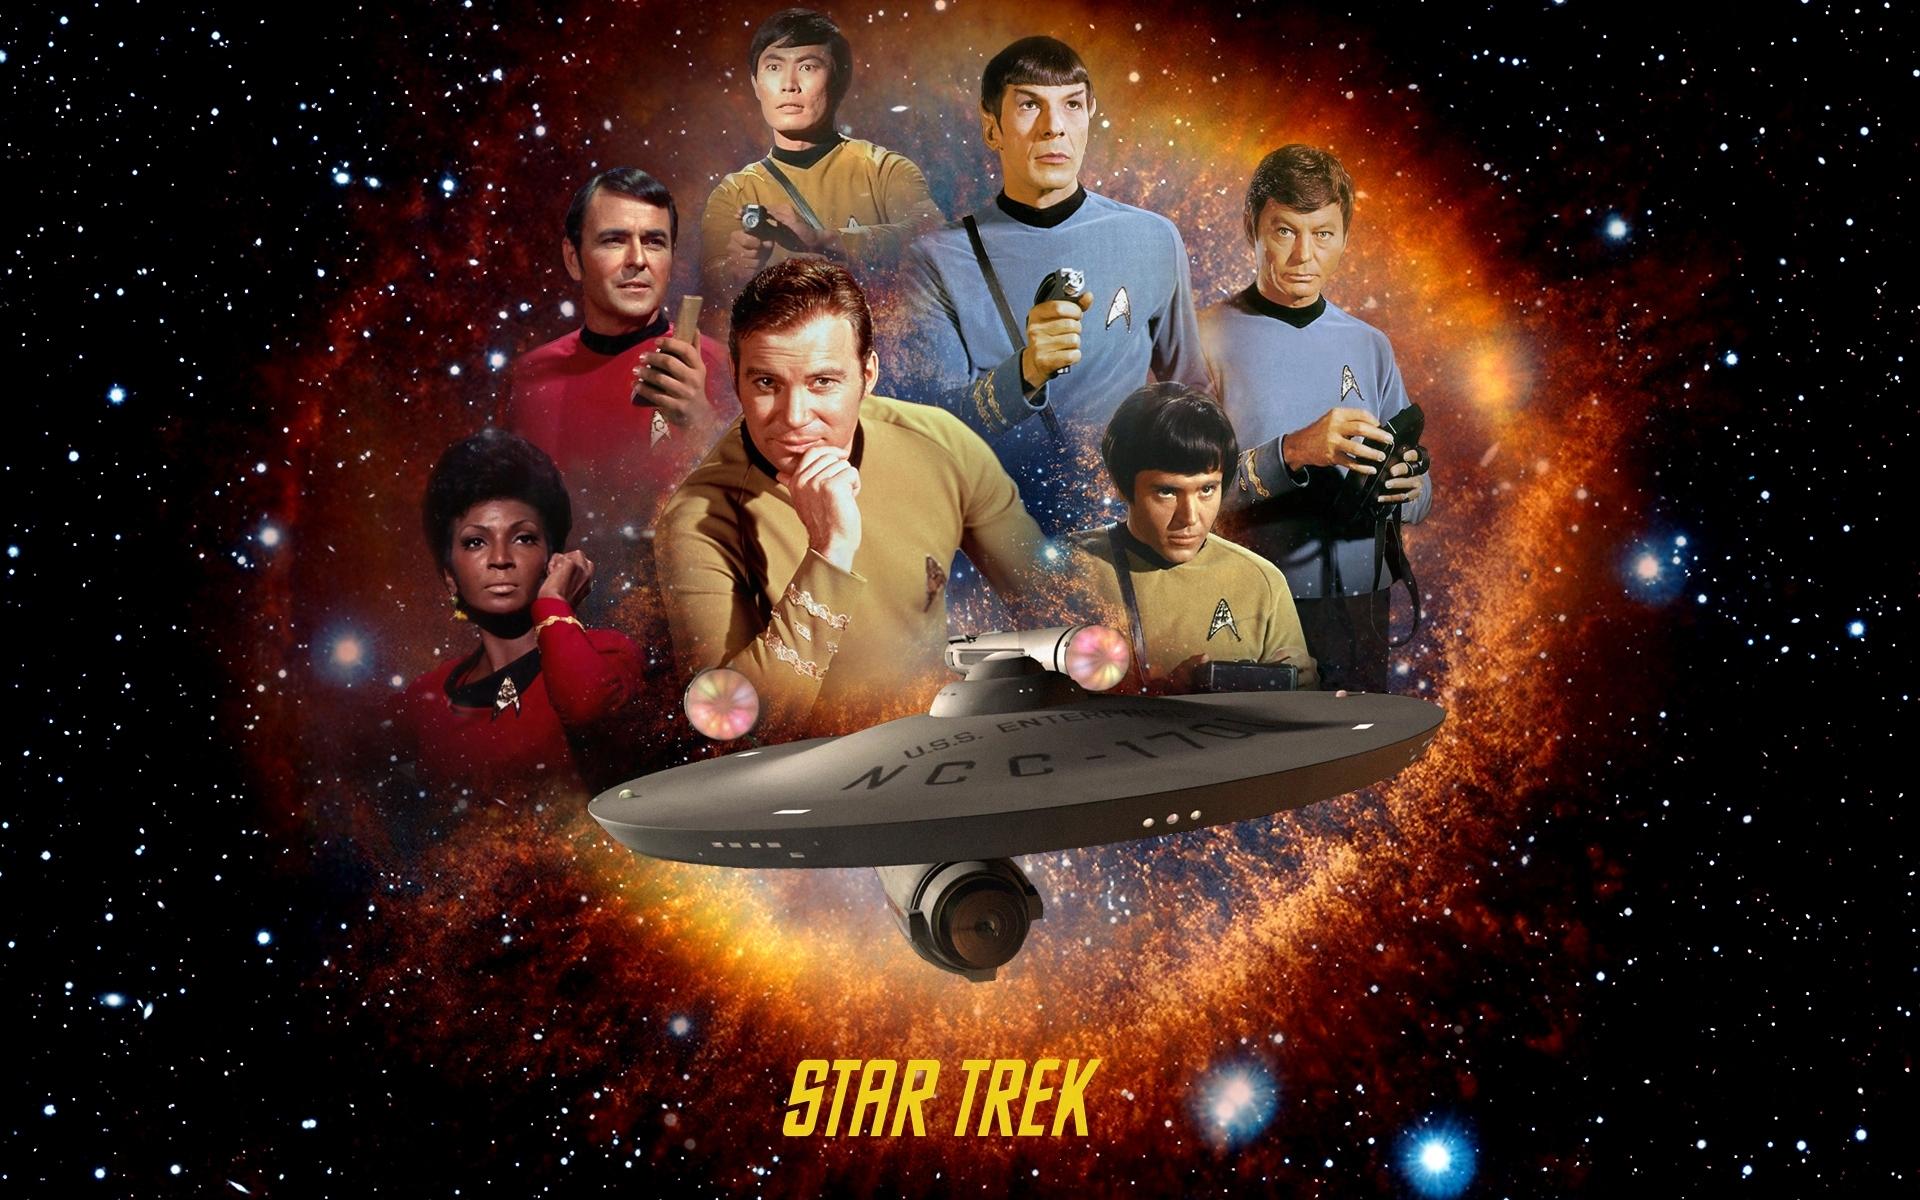 star trek & le nouvel ordre mondial | stop mensonges